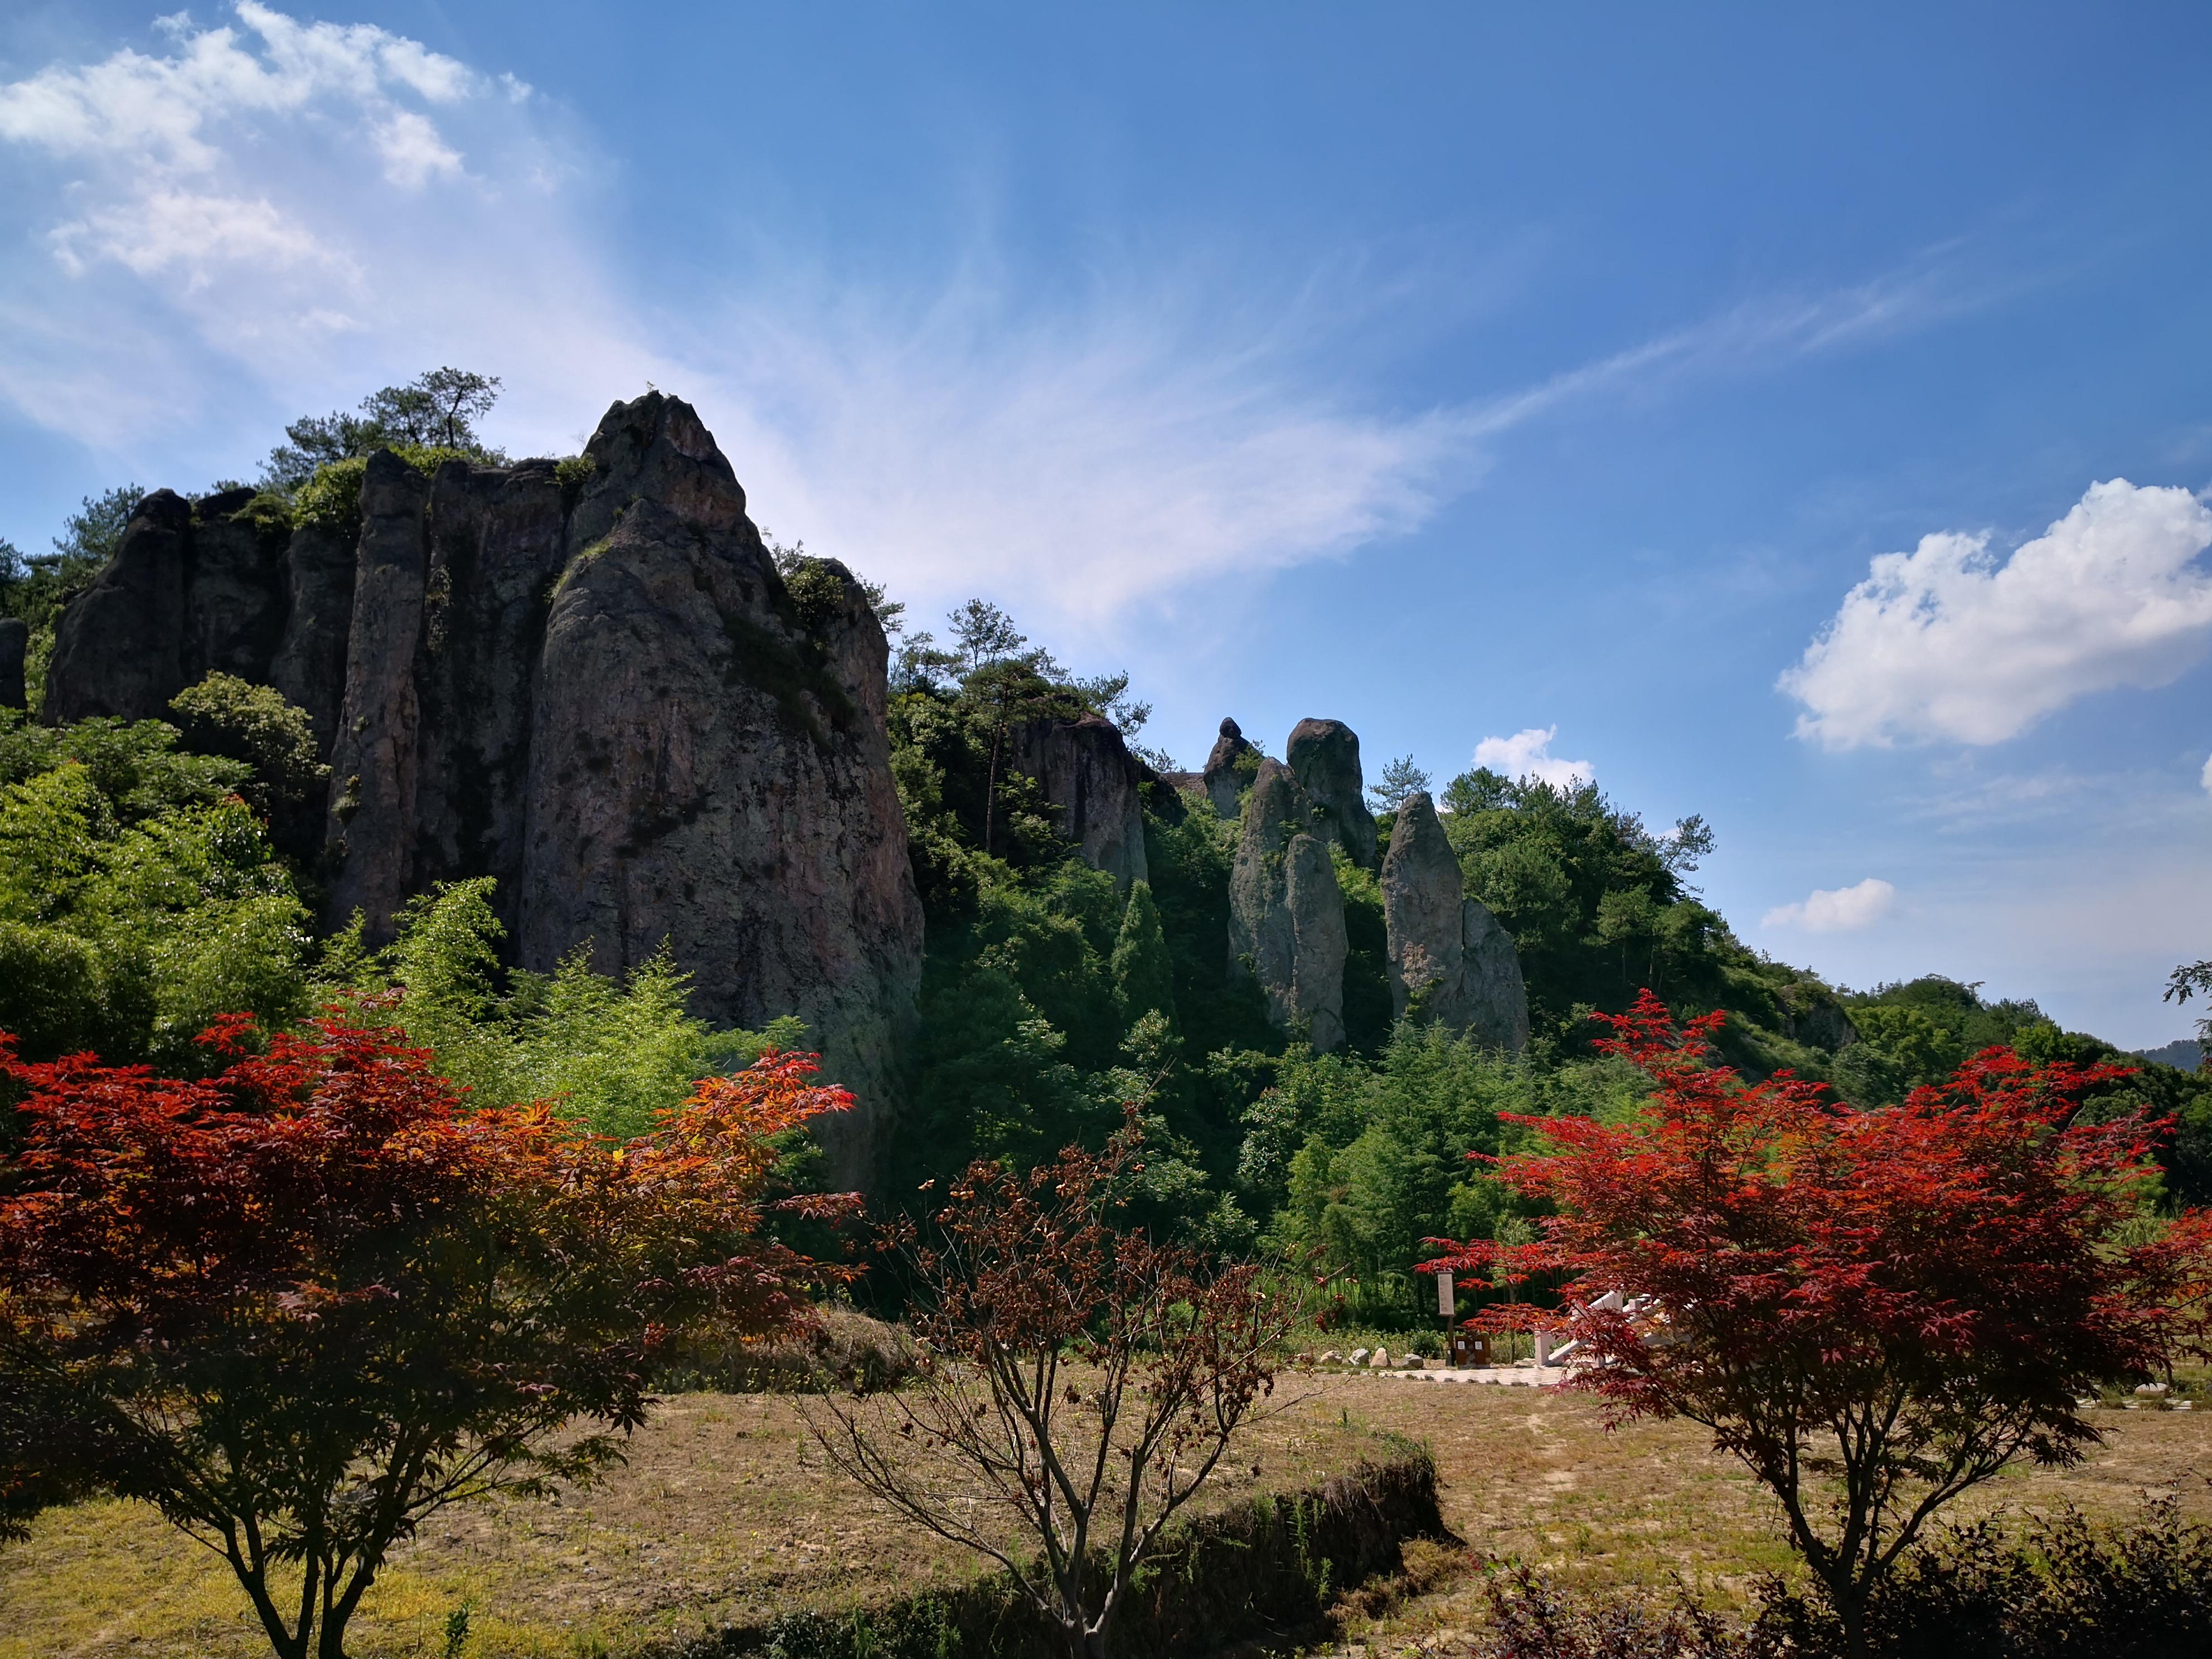 仙都风景区分布于东西约10公里的练溪两岸,由小赤壁,倪翁洞,鼎湖峰,芙